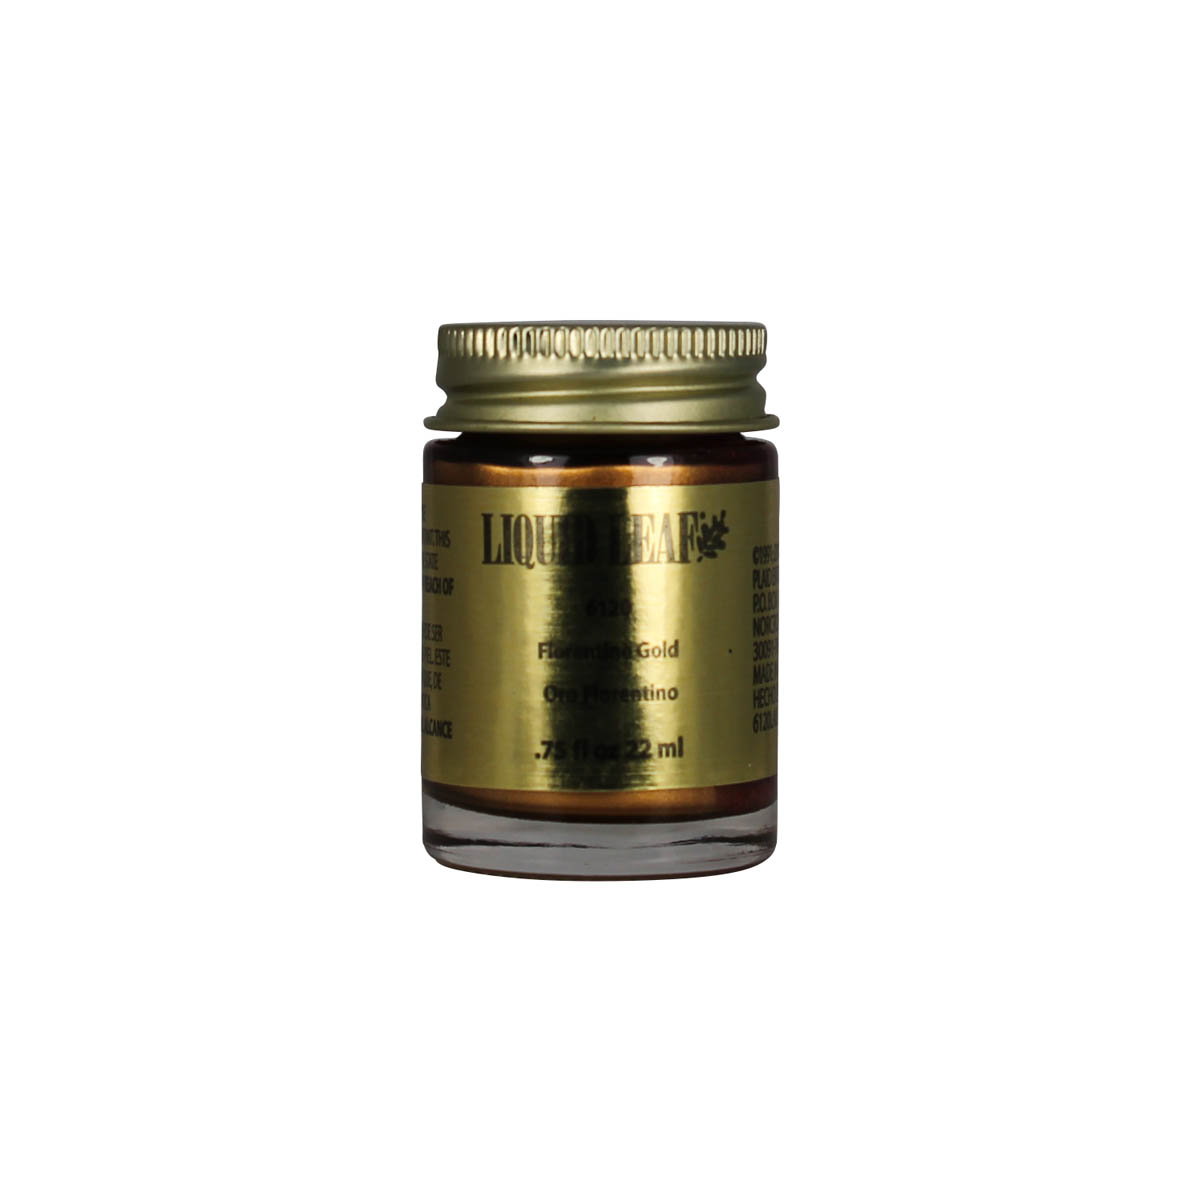 LIQUID LEAF FLORENTINE 3/4 OZ.